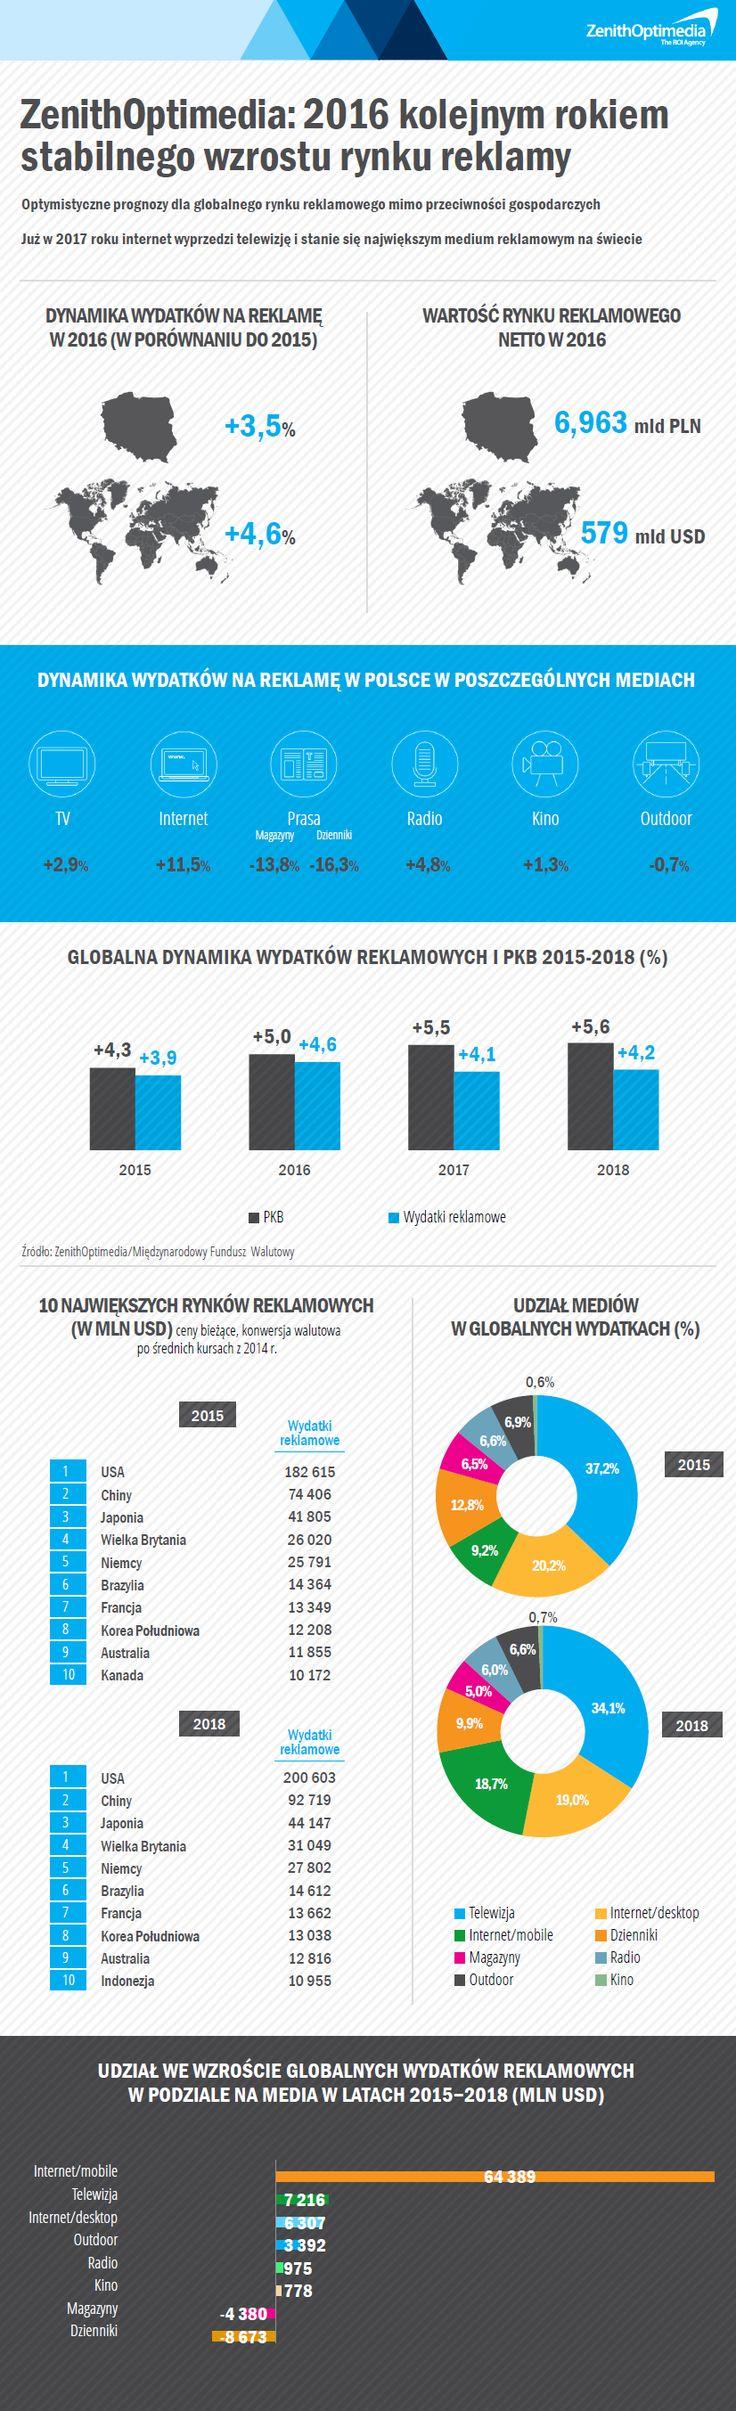 Optymistyczne prognozy dla globalnego rynku reklamowego mimo przeciwności gospodarczych. Już w przyszłym roku internet wyprzedzi telewizję i stanie się największym medium reklamowym na świecie